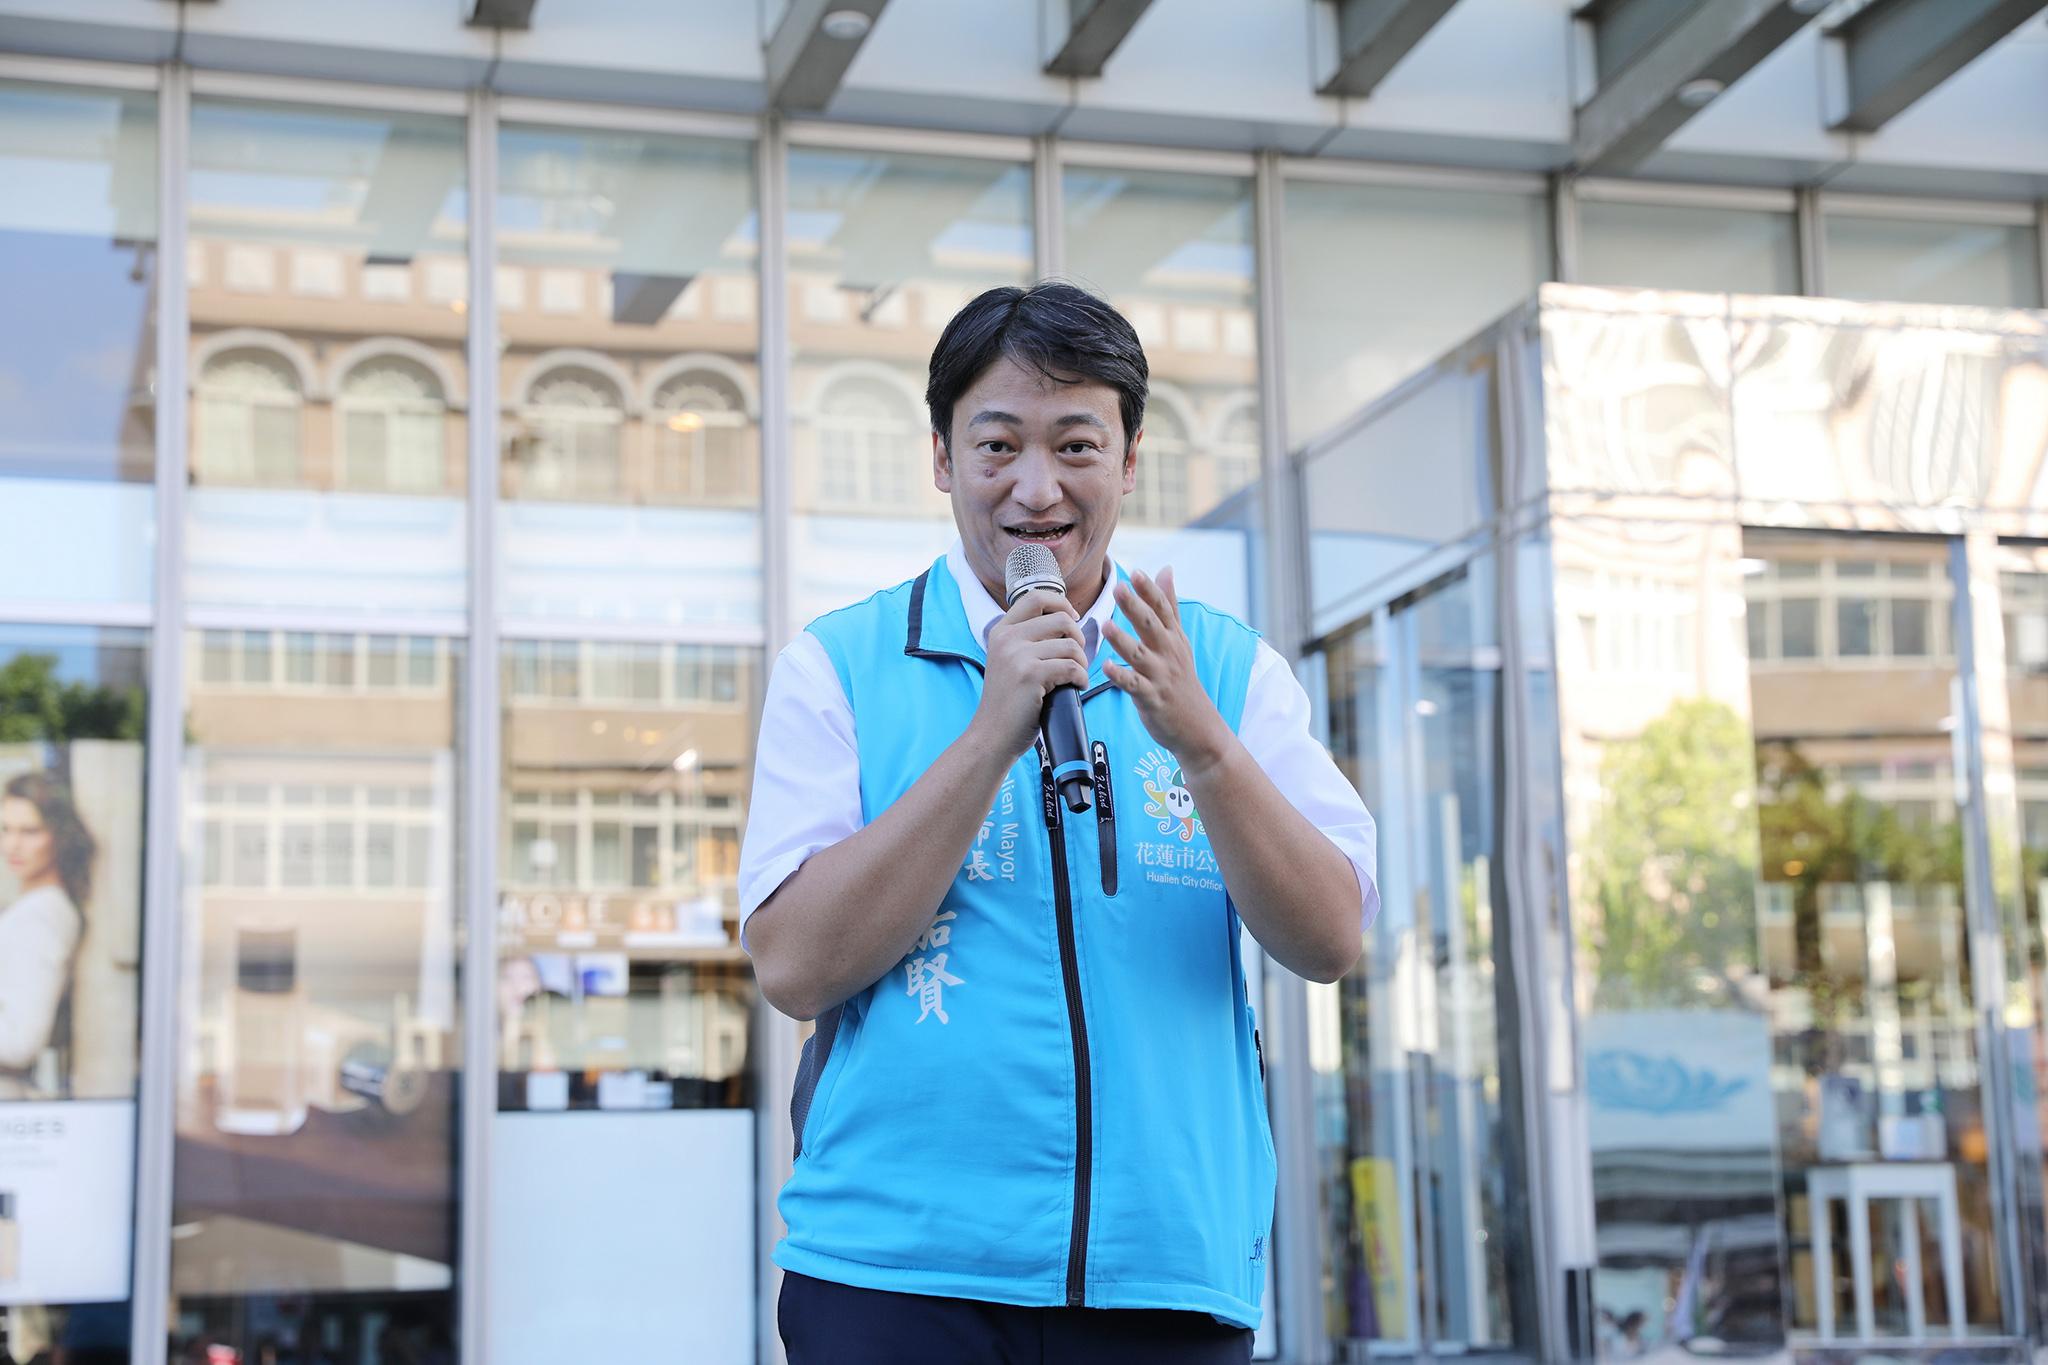 花蓮市長魏嘉賢也到場支持驗血建檔活動,魏嘉賢市長代表親友表示,一點點的血,卻可以帶給血癌病友希望,甚至讓他們有機會活下來。